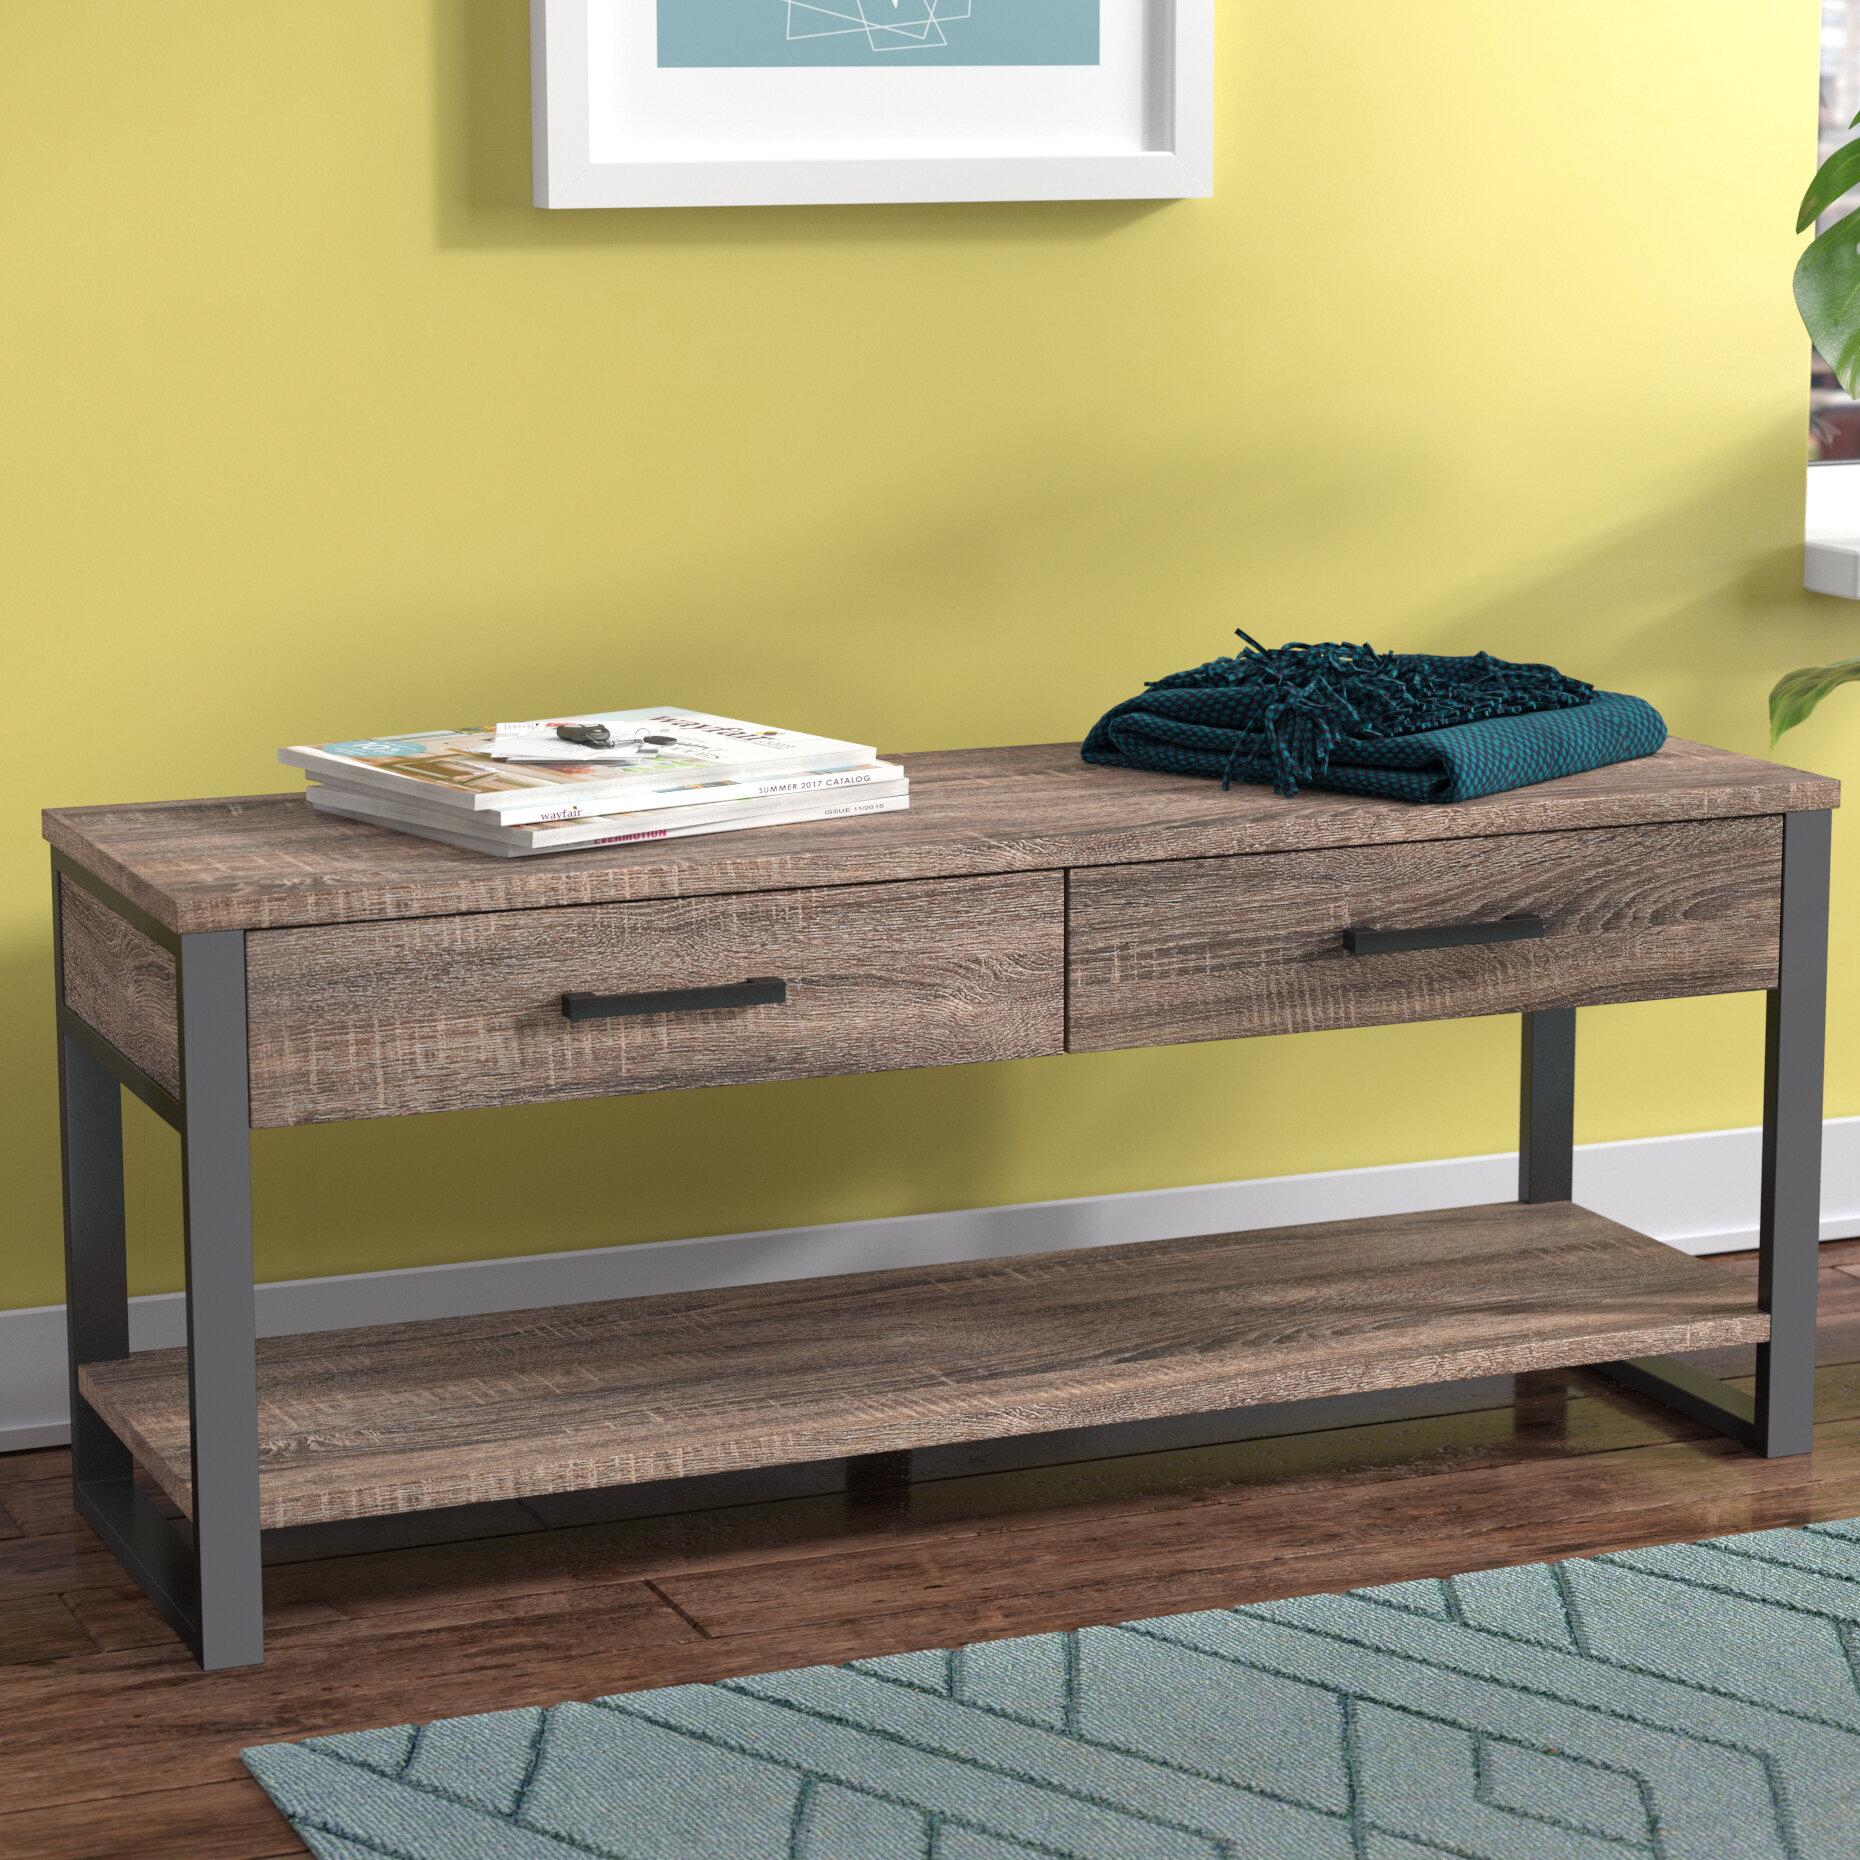 Orren Ellis Arsdale Wood Storage Bench & Reviews | Wayfair